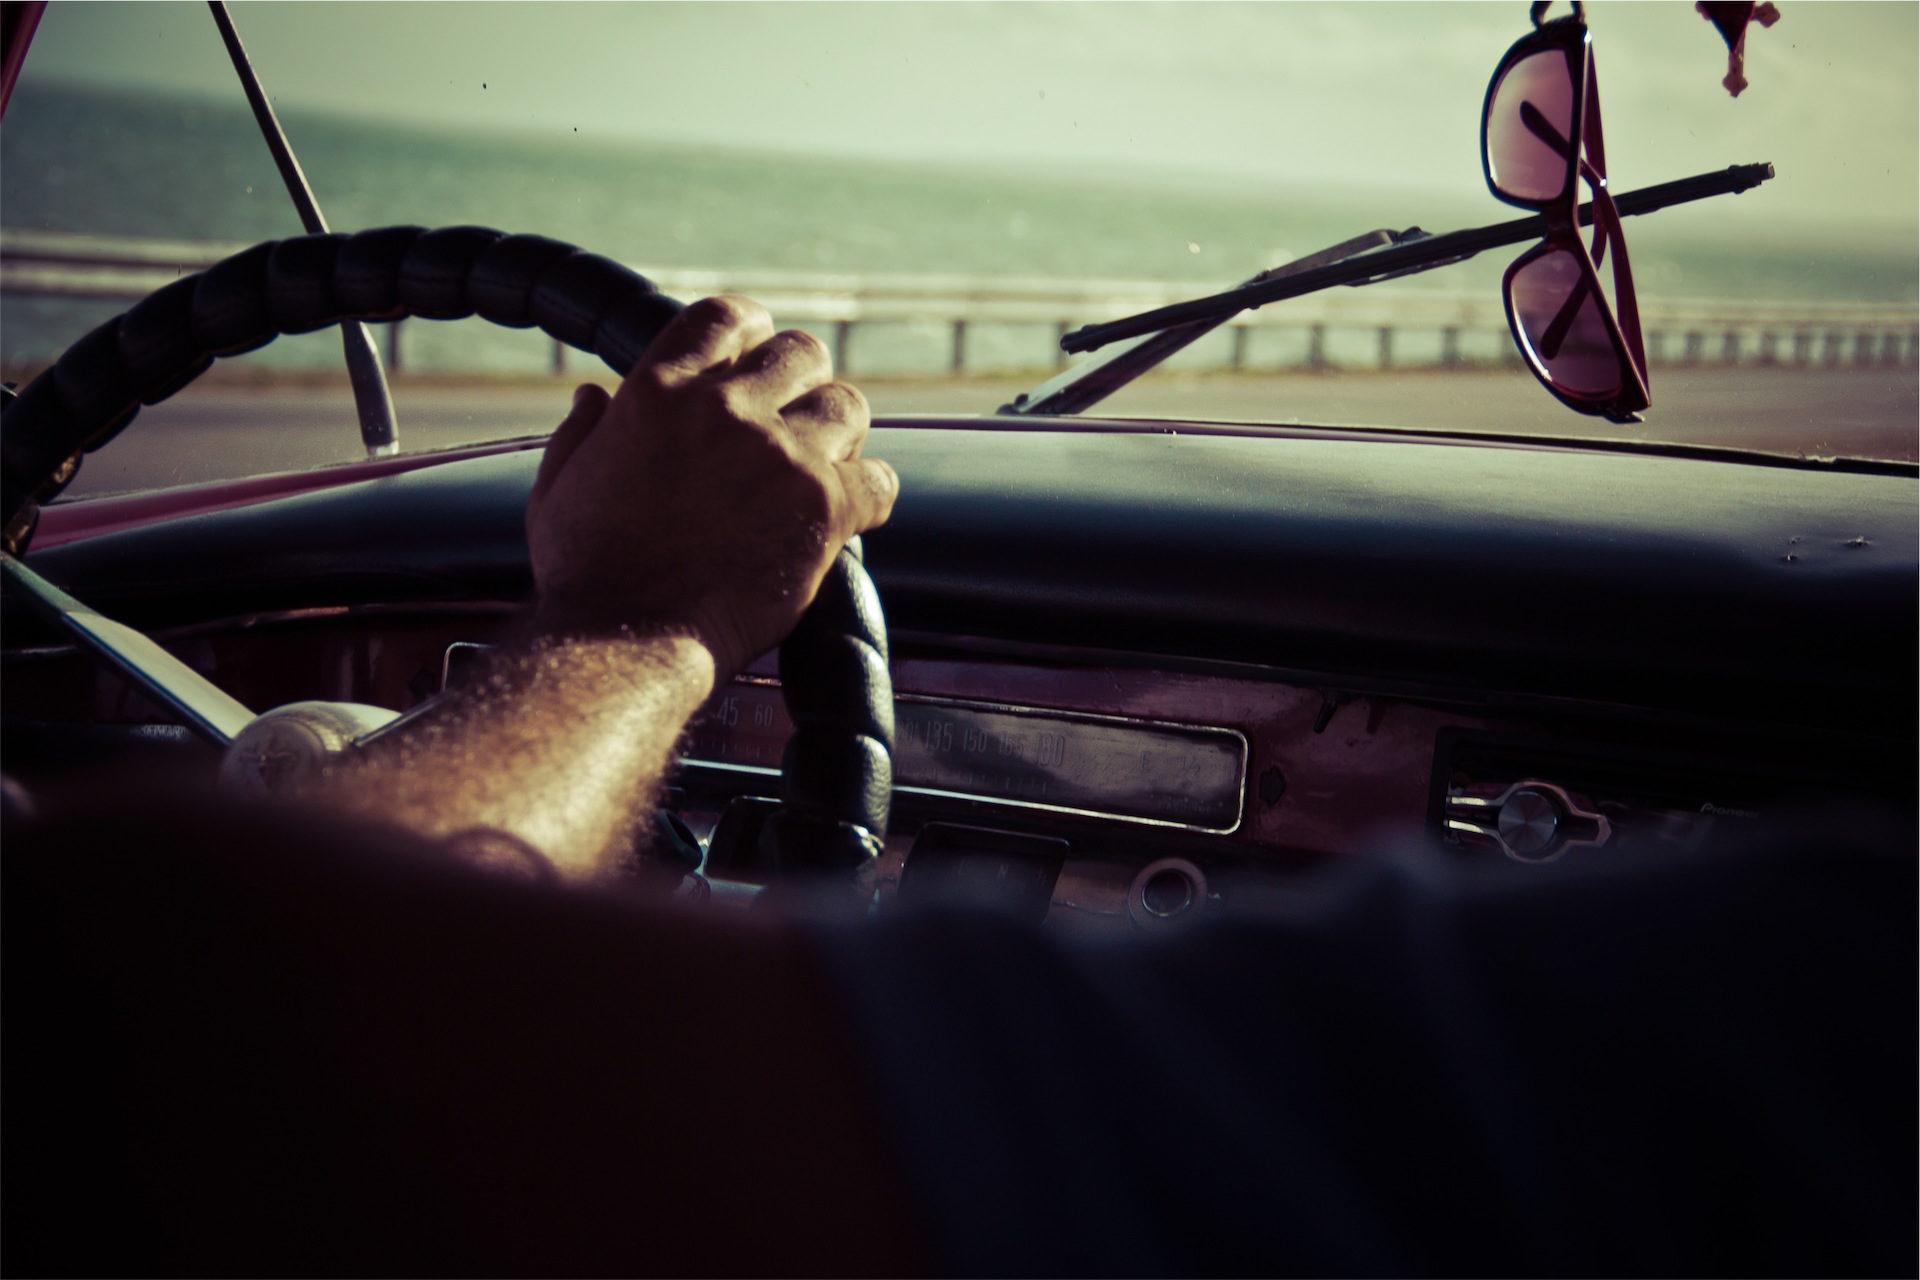 coche, conducir, volante, radio, vintage - Fondos de Pantalla HD - professor-falken.com